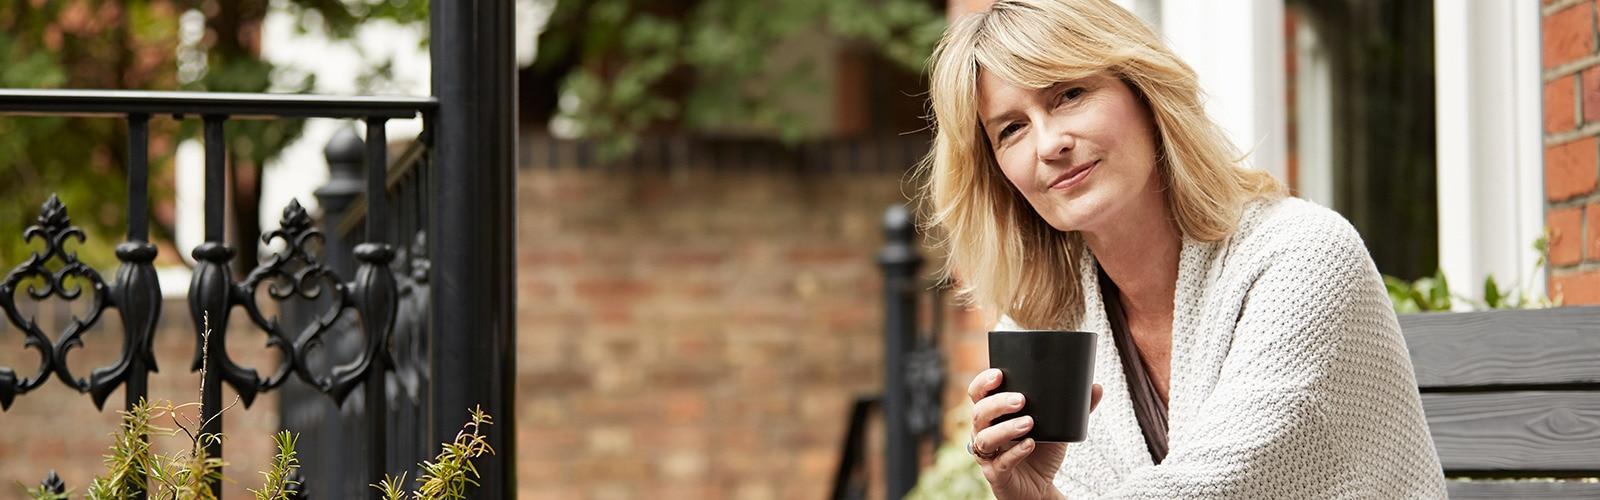 Kobieta delektuje się filiżanką herbaty na ganku murowanego domu